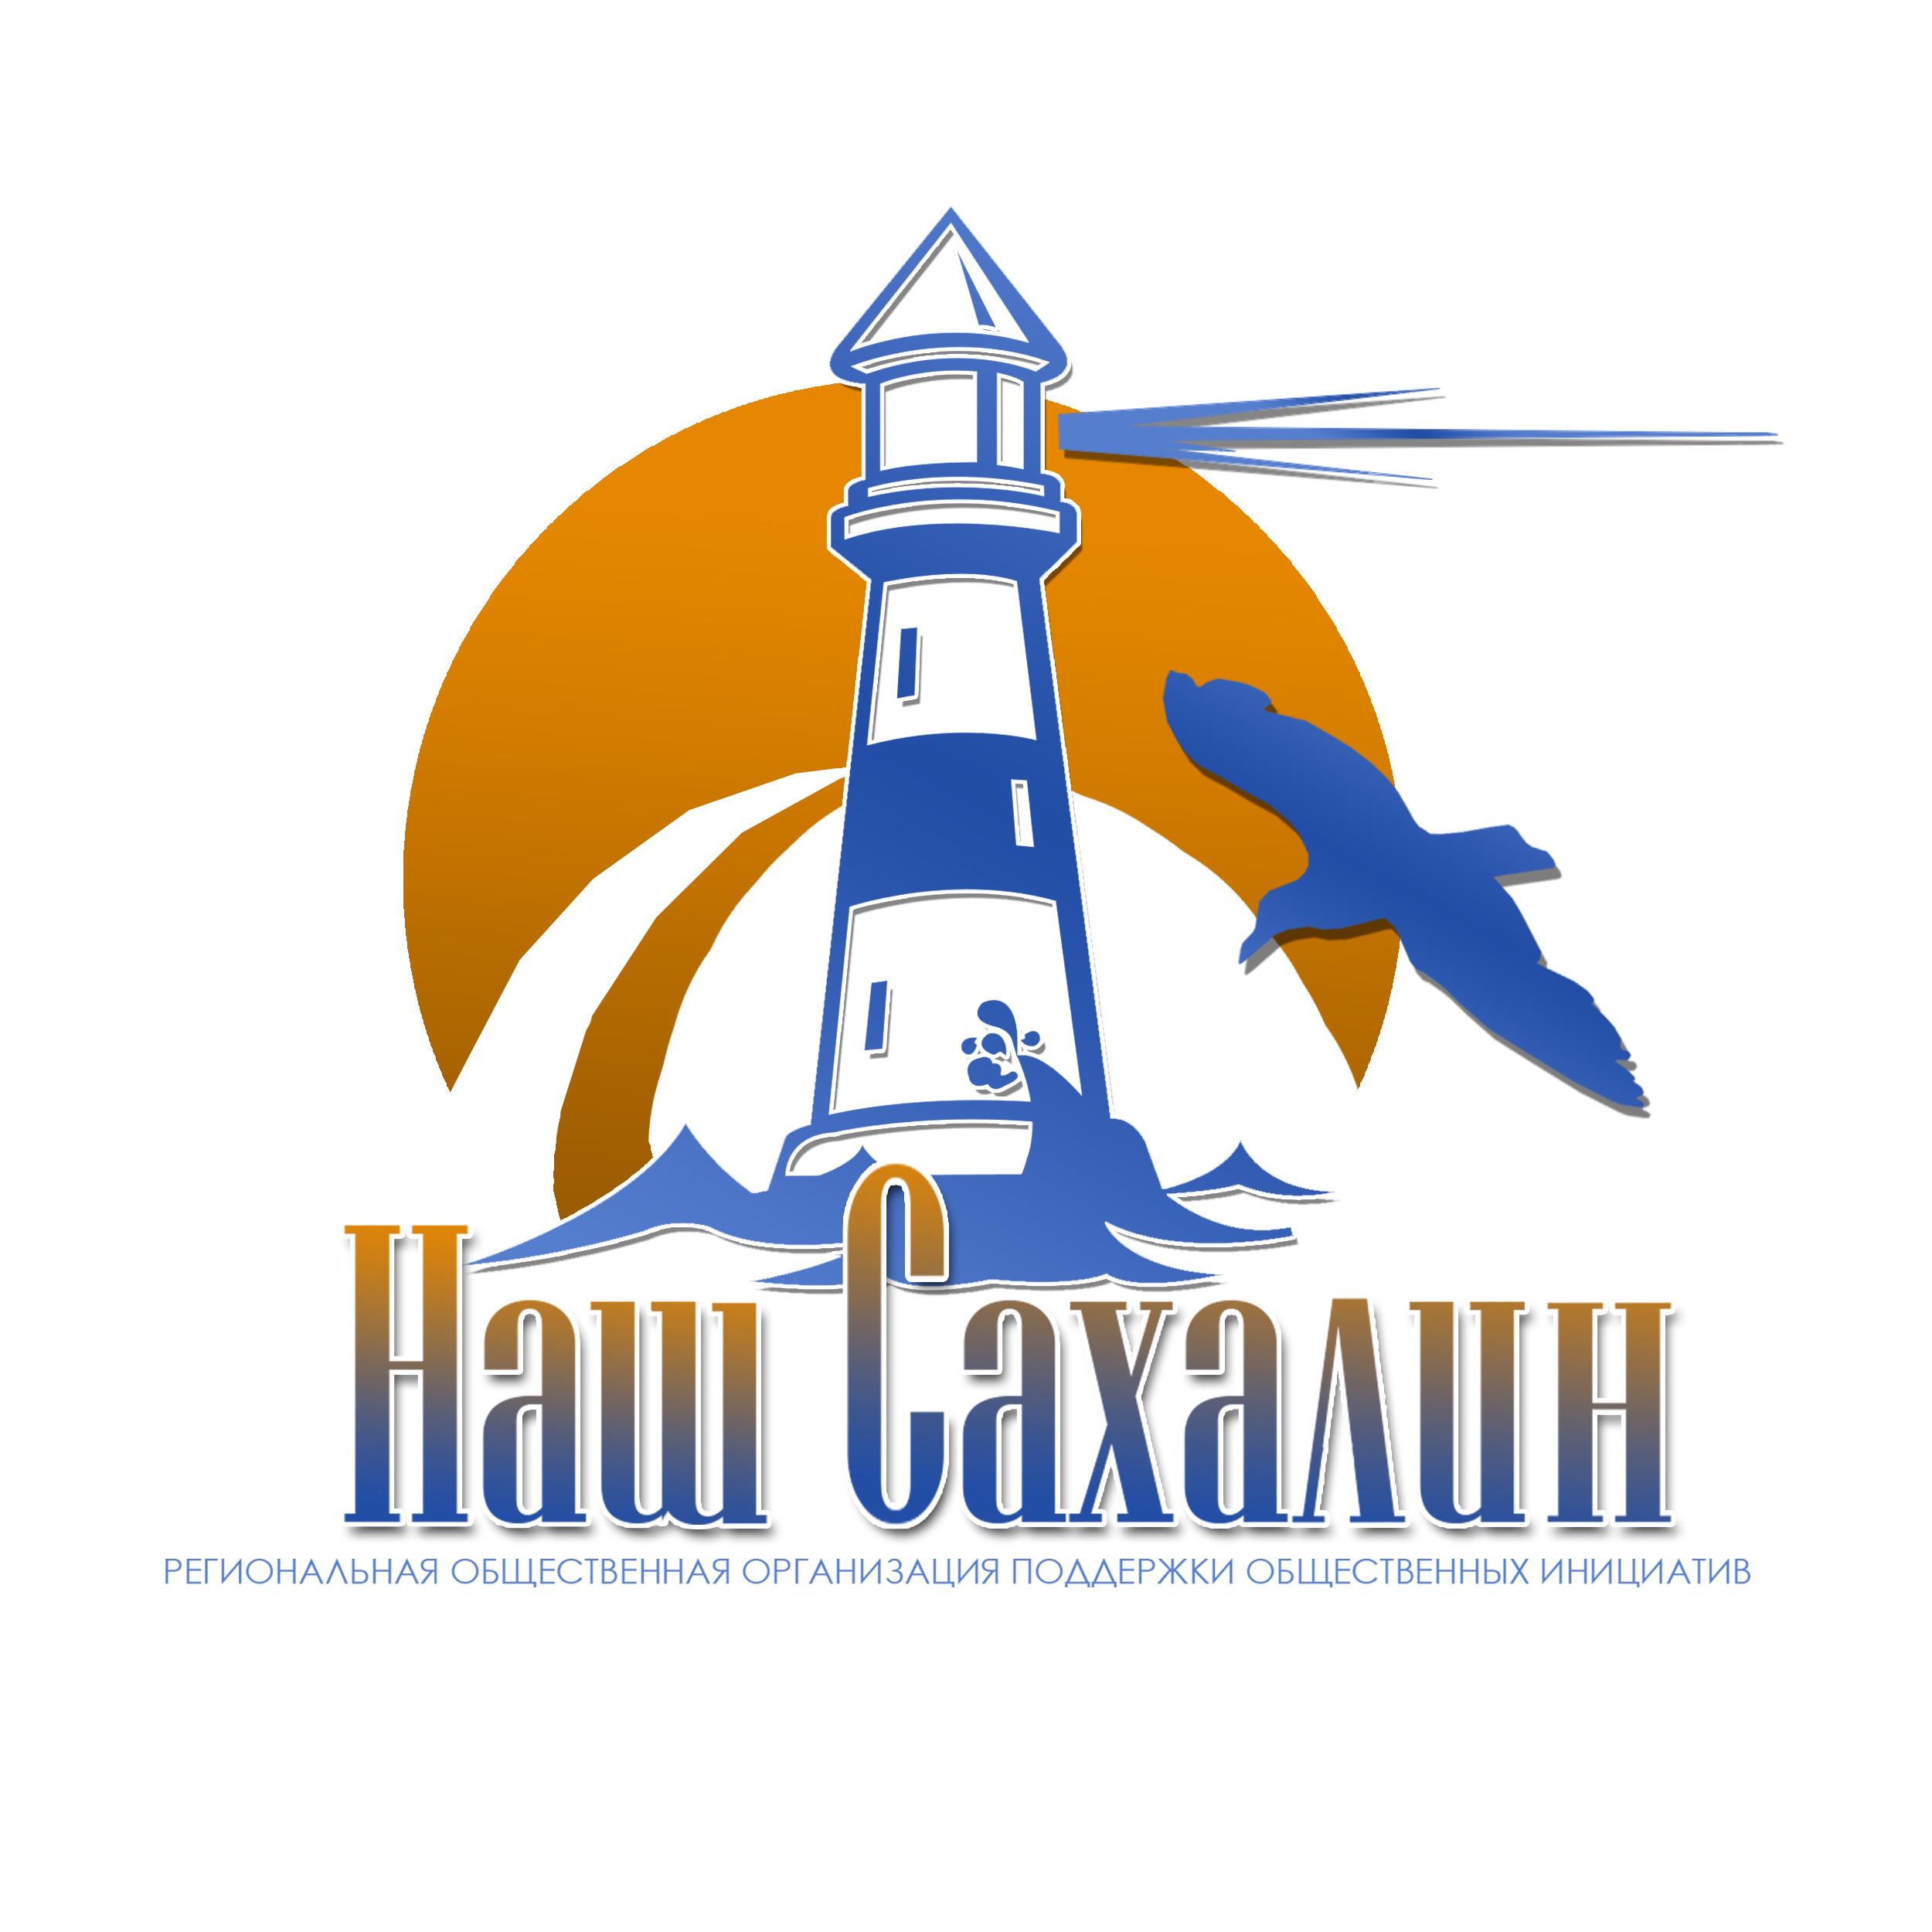 """Логотип для некоммерческой организации """"Наш Сахалин"""" фото f_5985a7c706622bdb.png"""